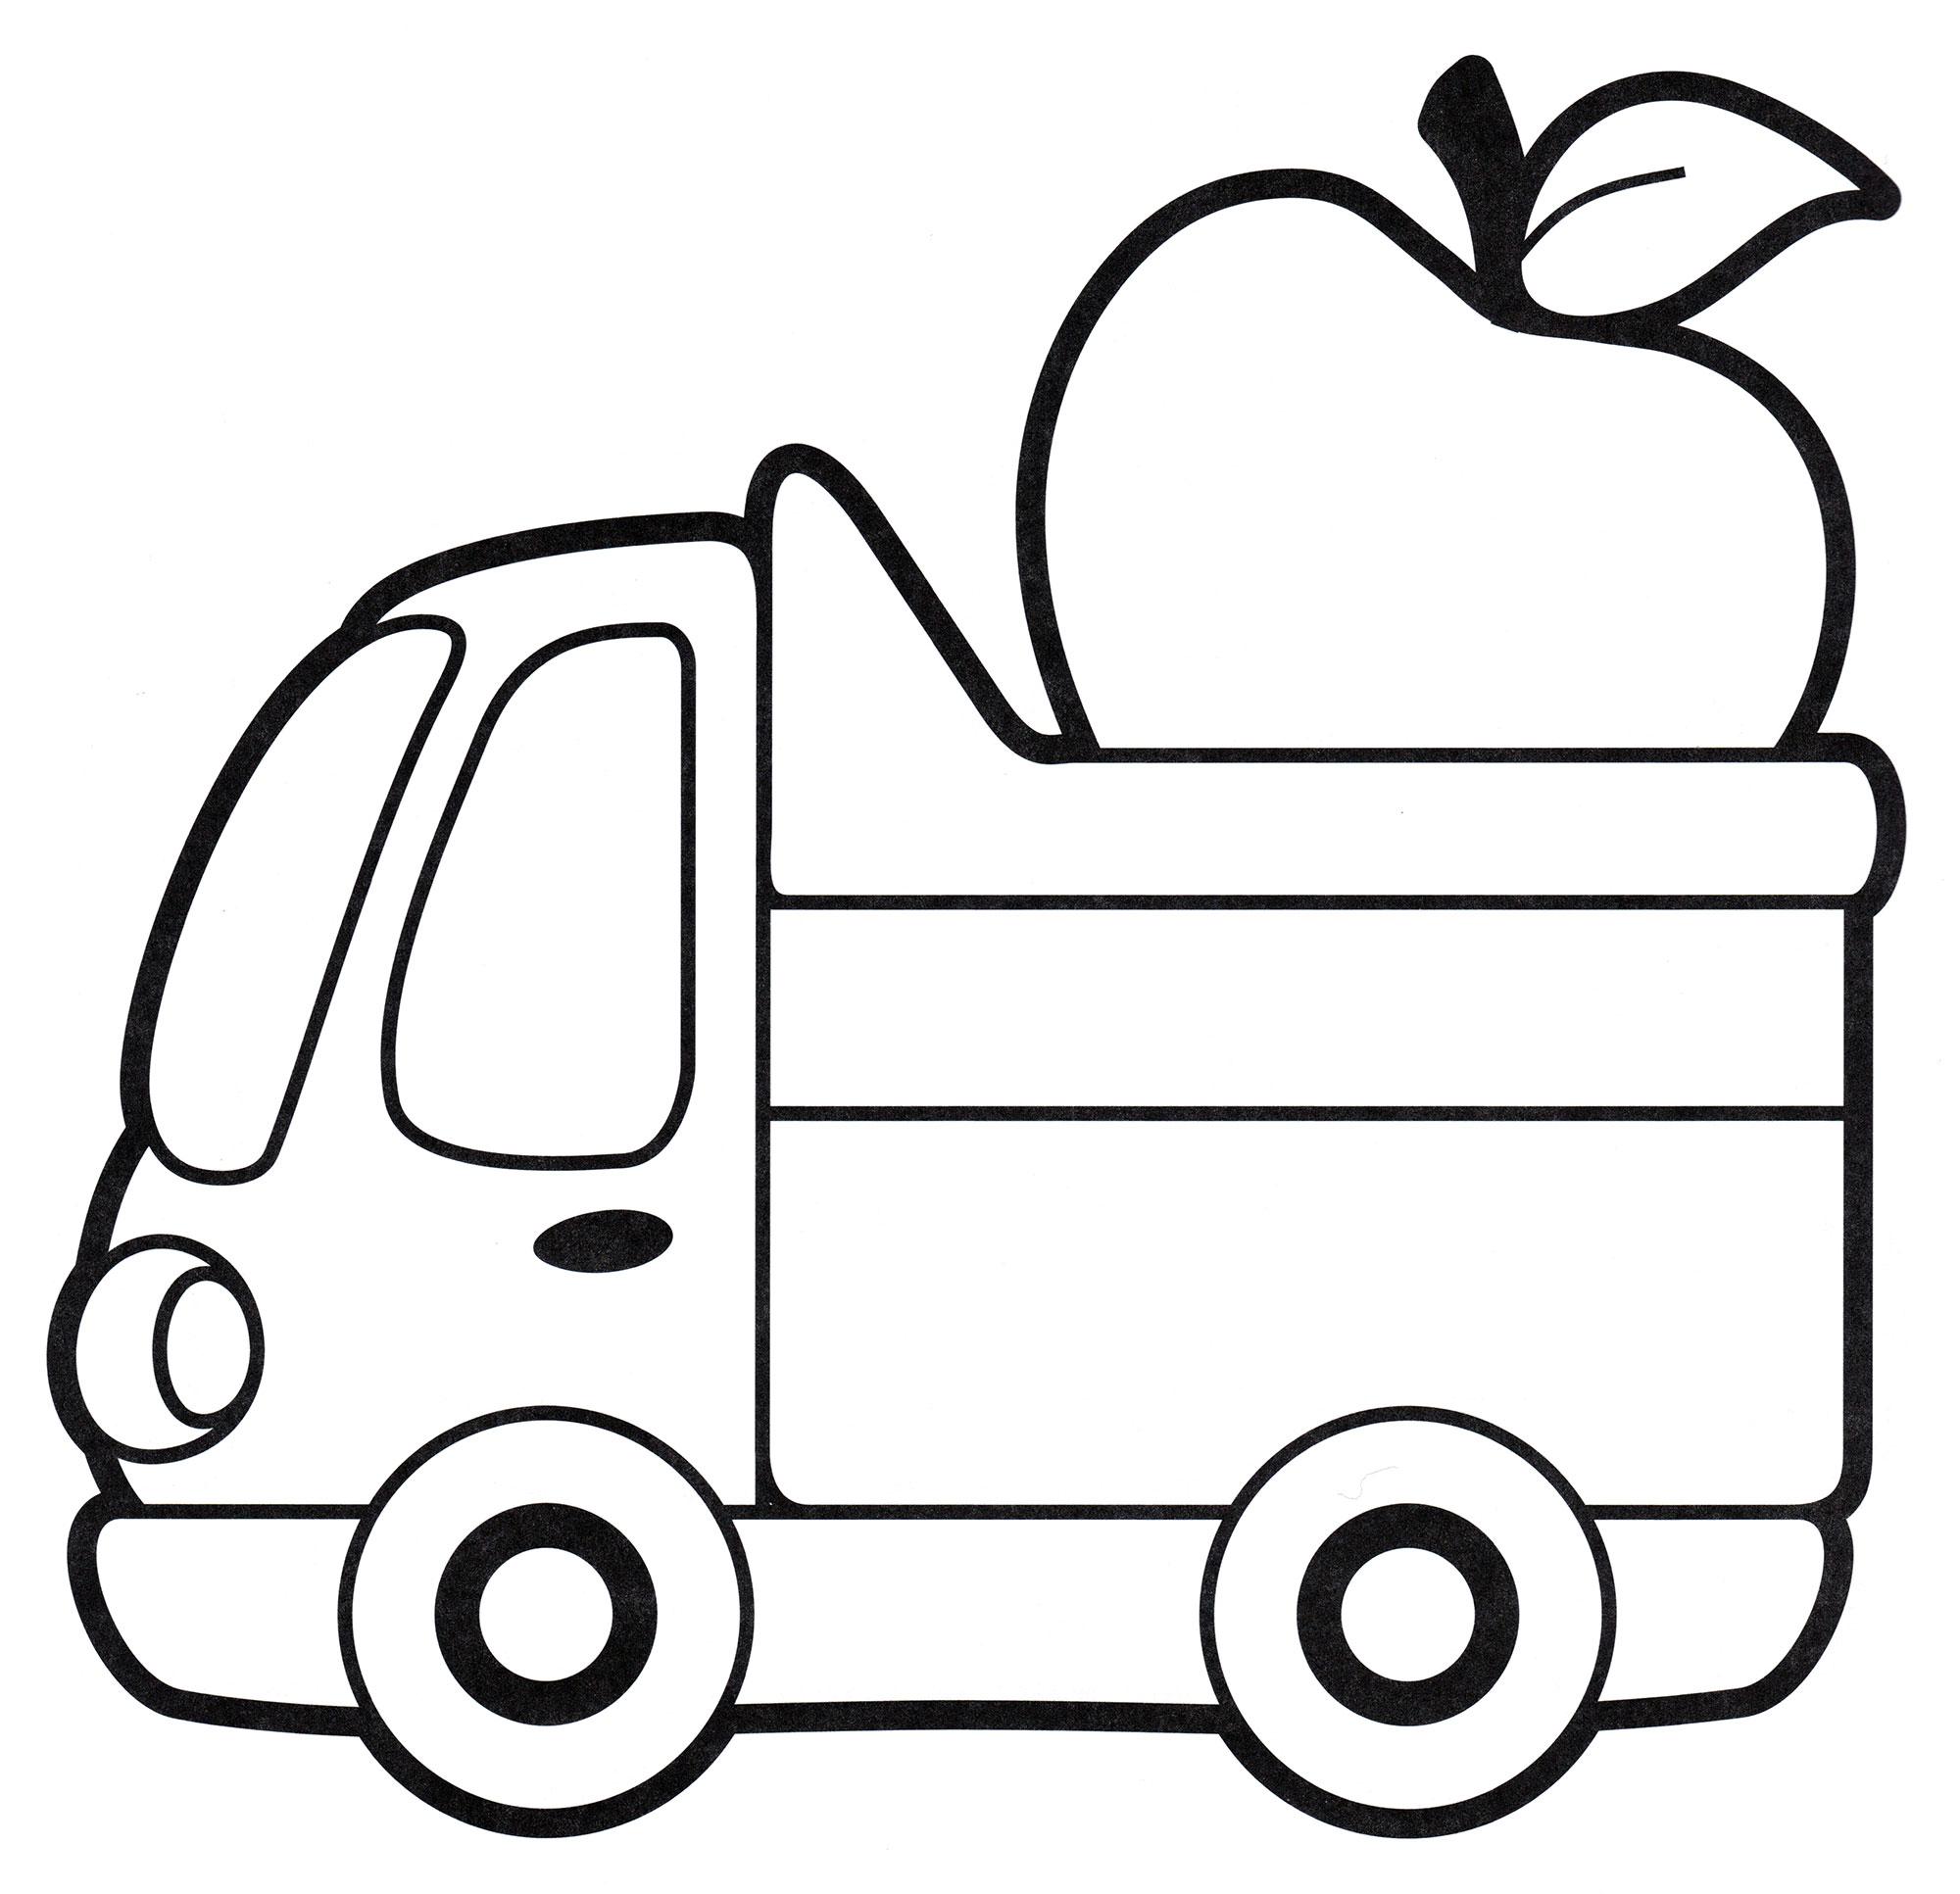 Раскраска Грузовик с яблоком | Раскраски Грузовики